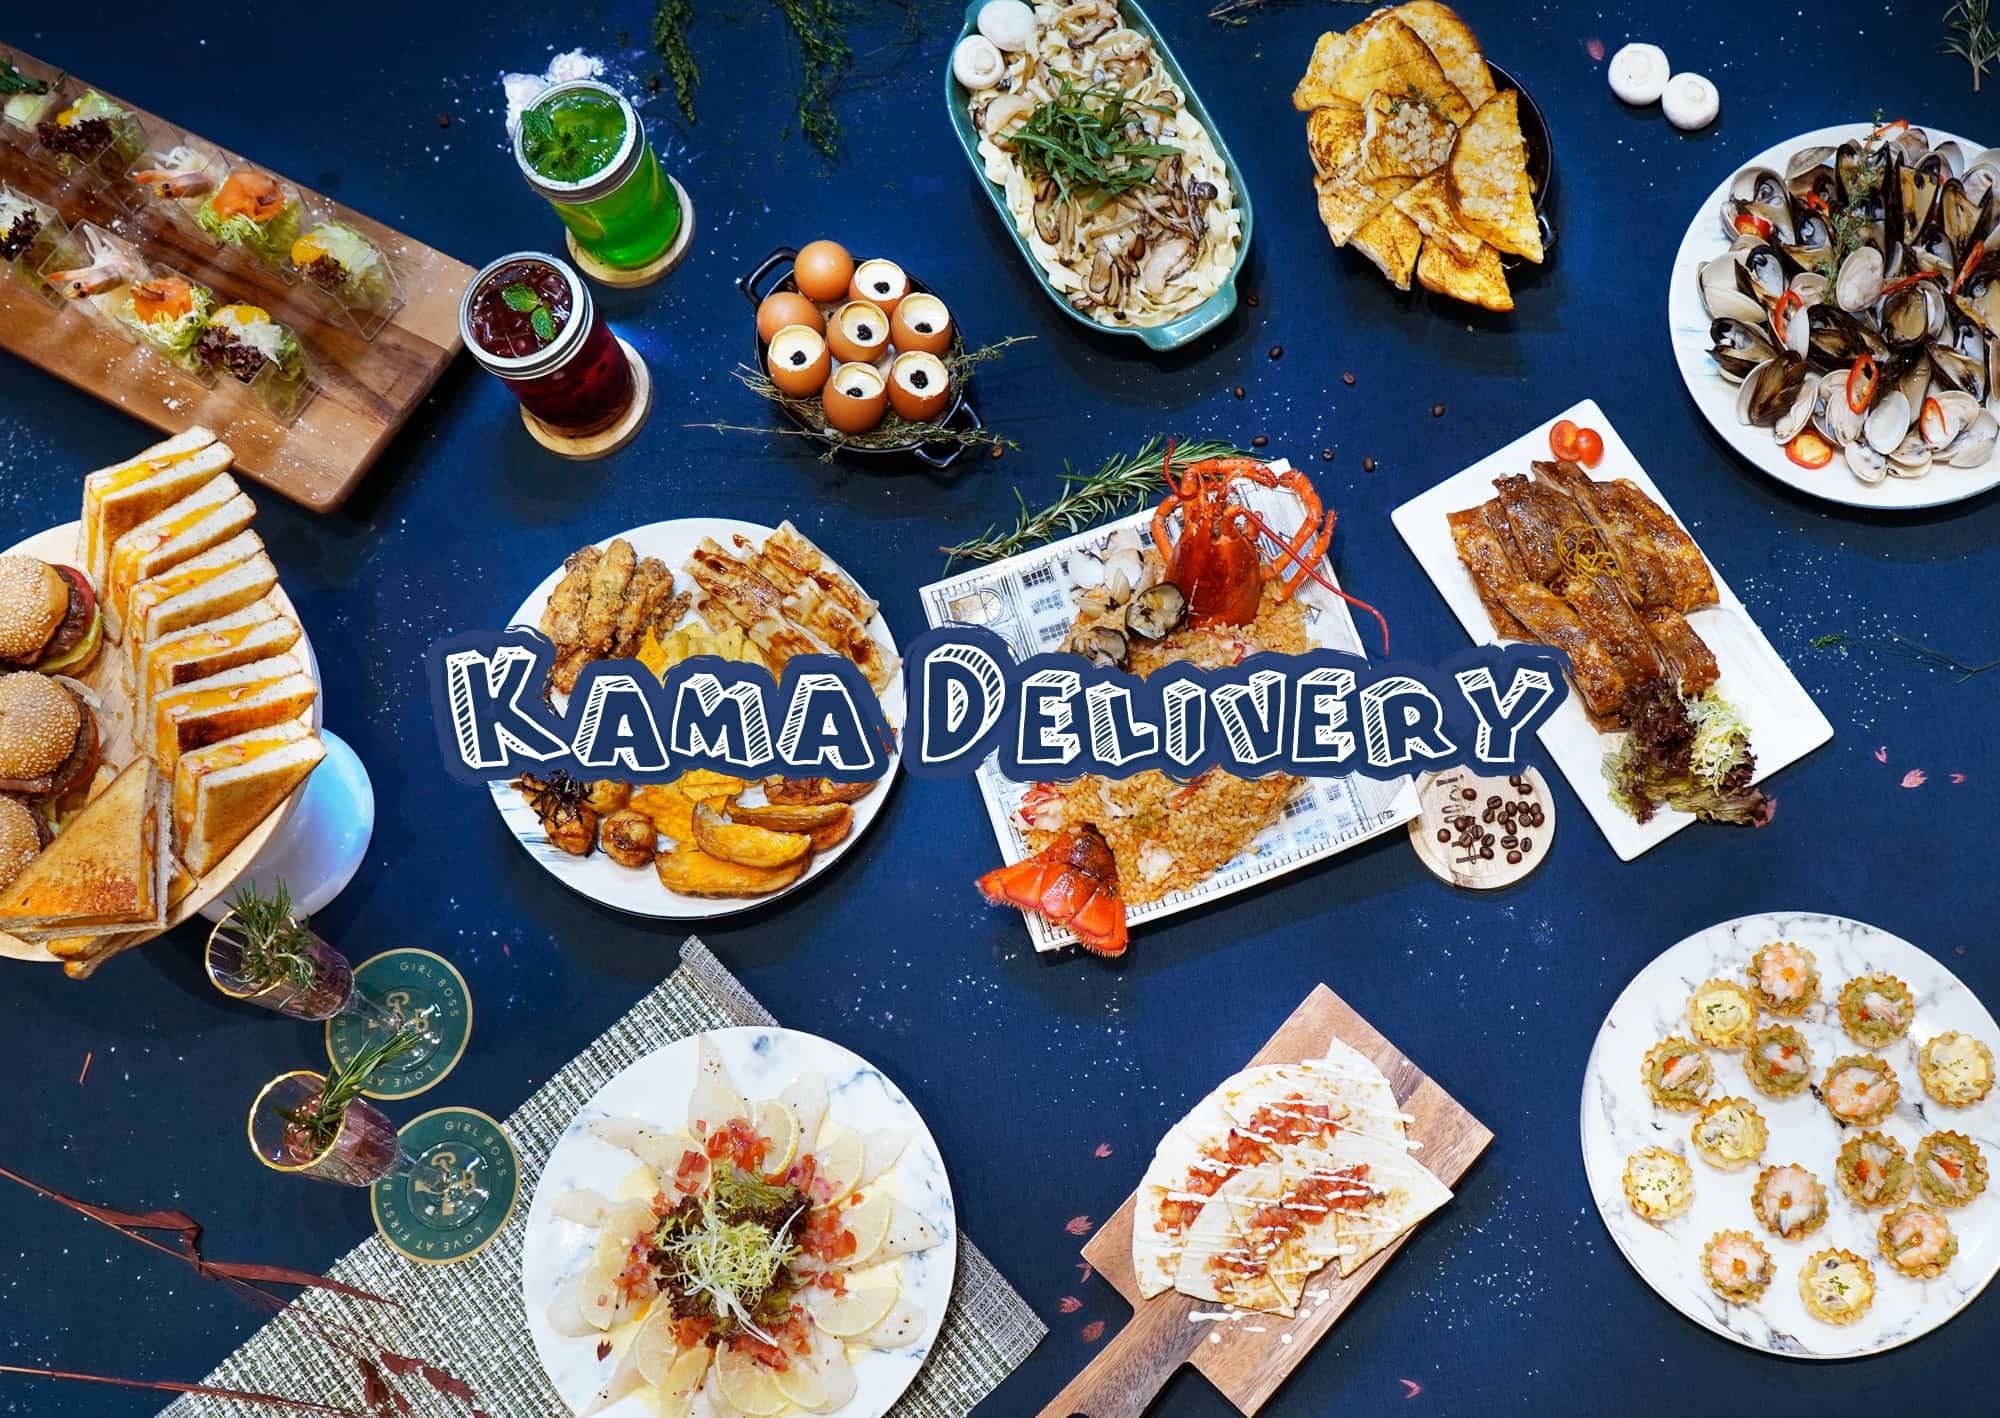 Kama Delivery到會專家|專門提供各款抵食西式到會套餐及單點美食,直送全港各區!